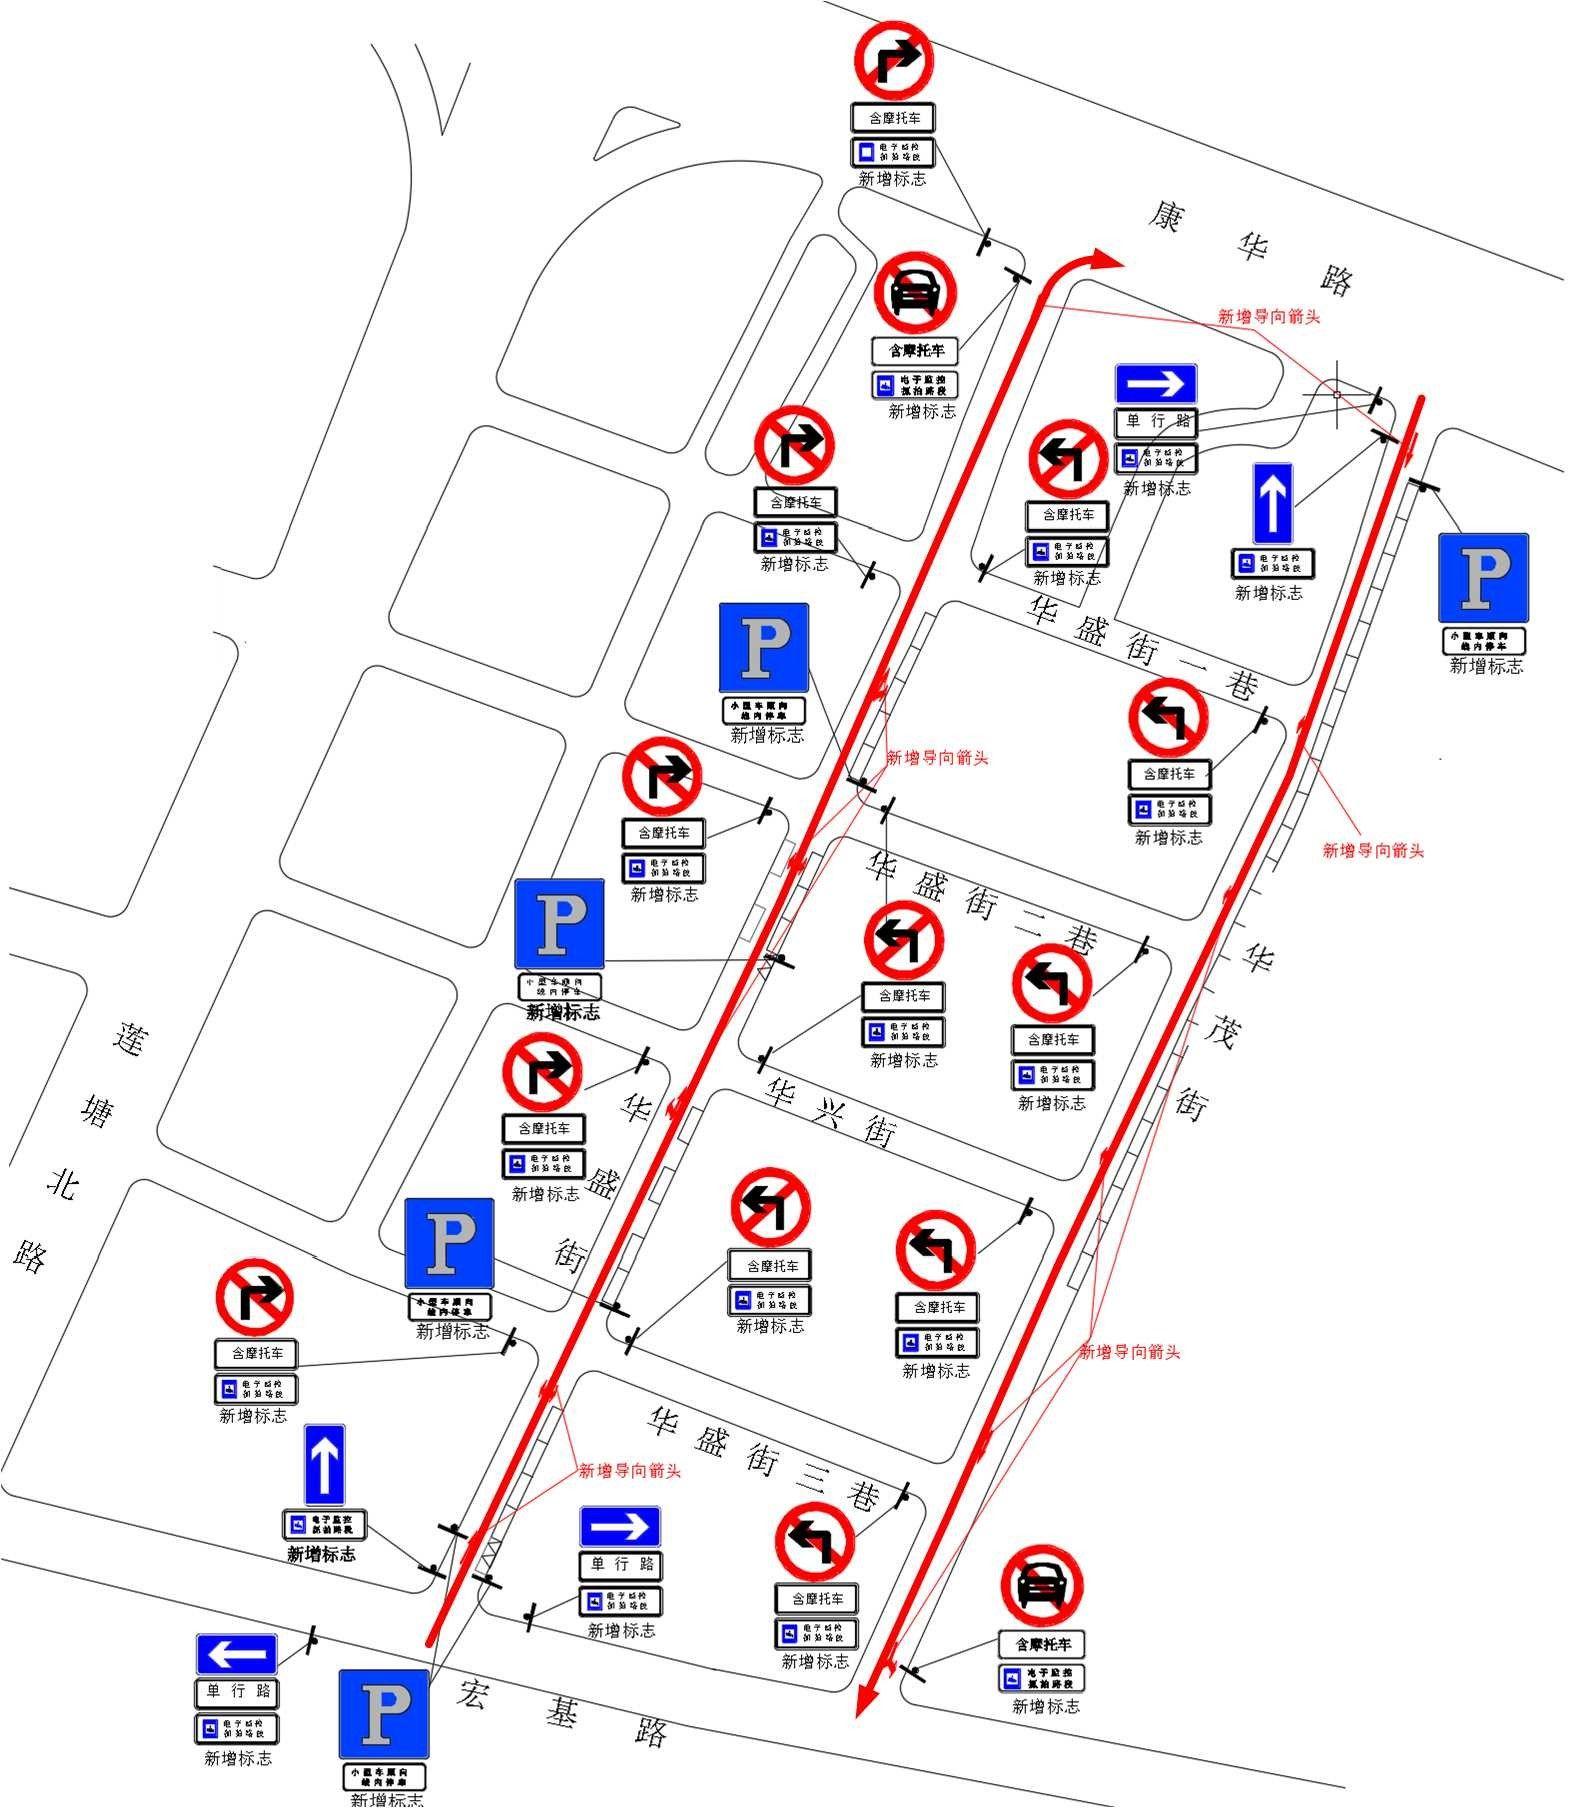 【石岐区】下月起!城区这些繁忙街道将变单行,以后要这么走